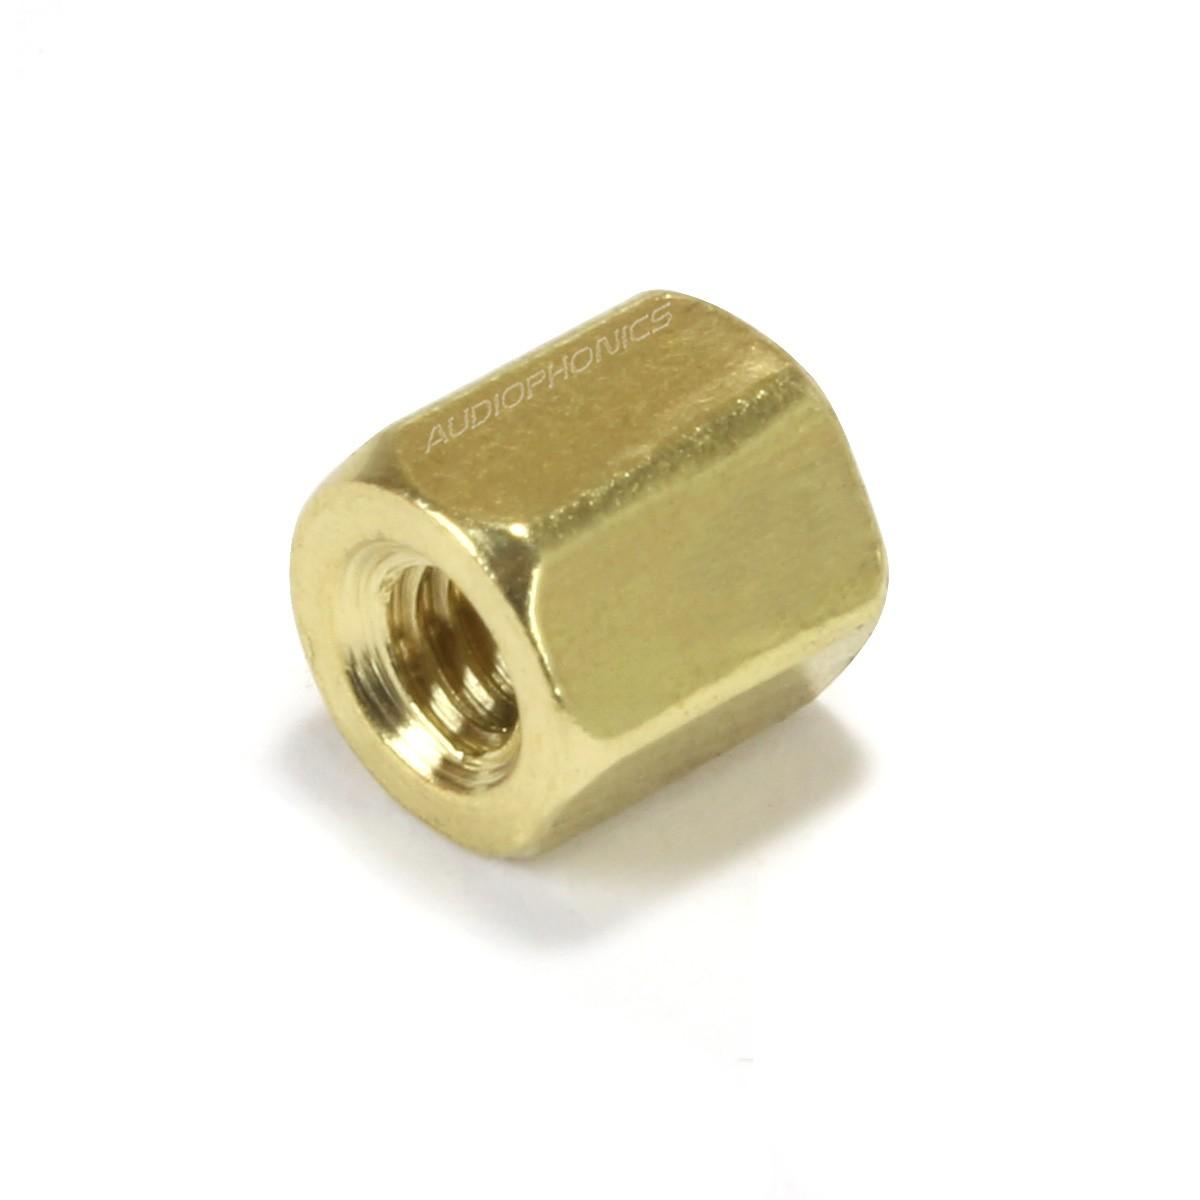 Brass Spacers Female / Female M2.5x5mm (x10)